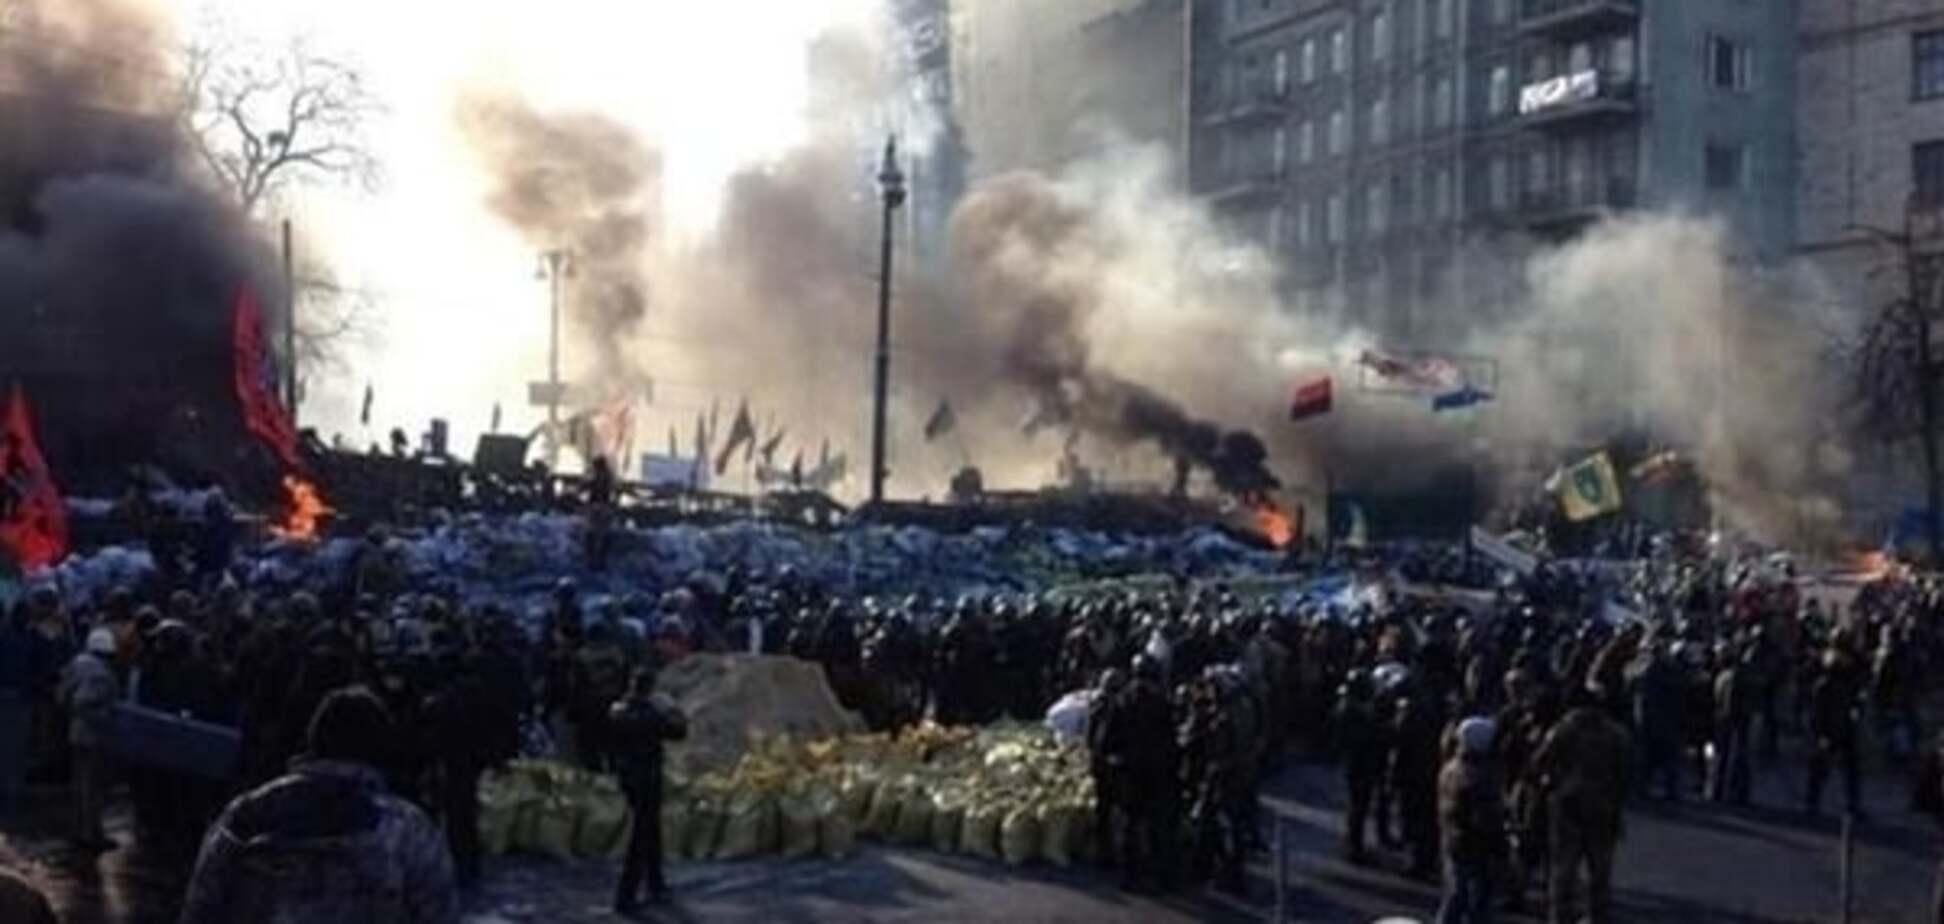 Хто топив Майдан у крові? Затримали екс-командира 'Беркута'